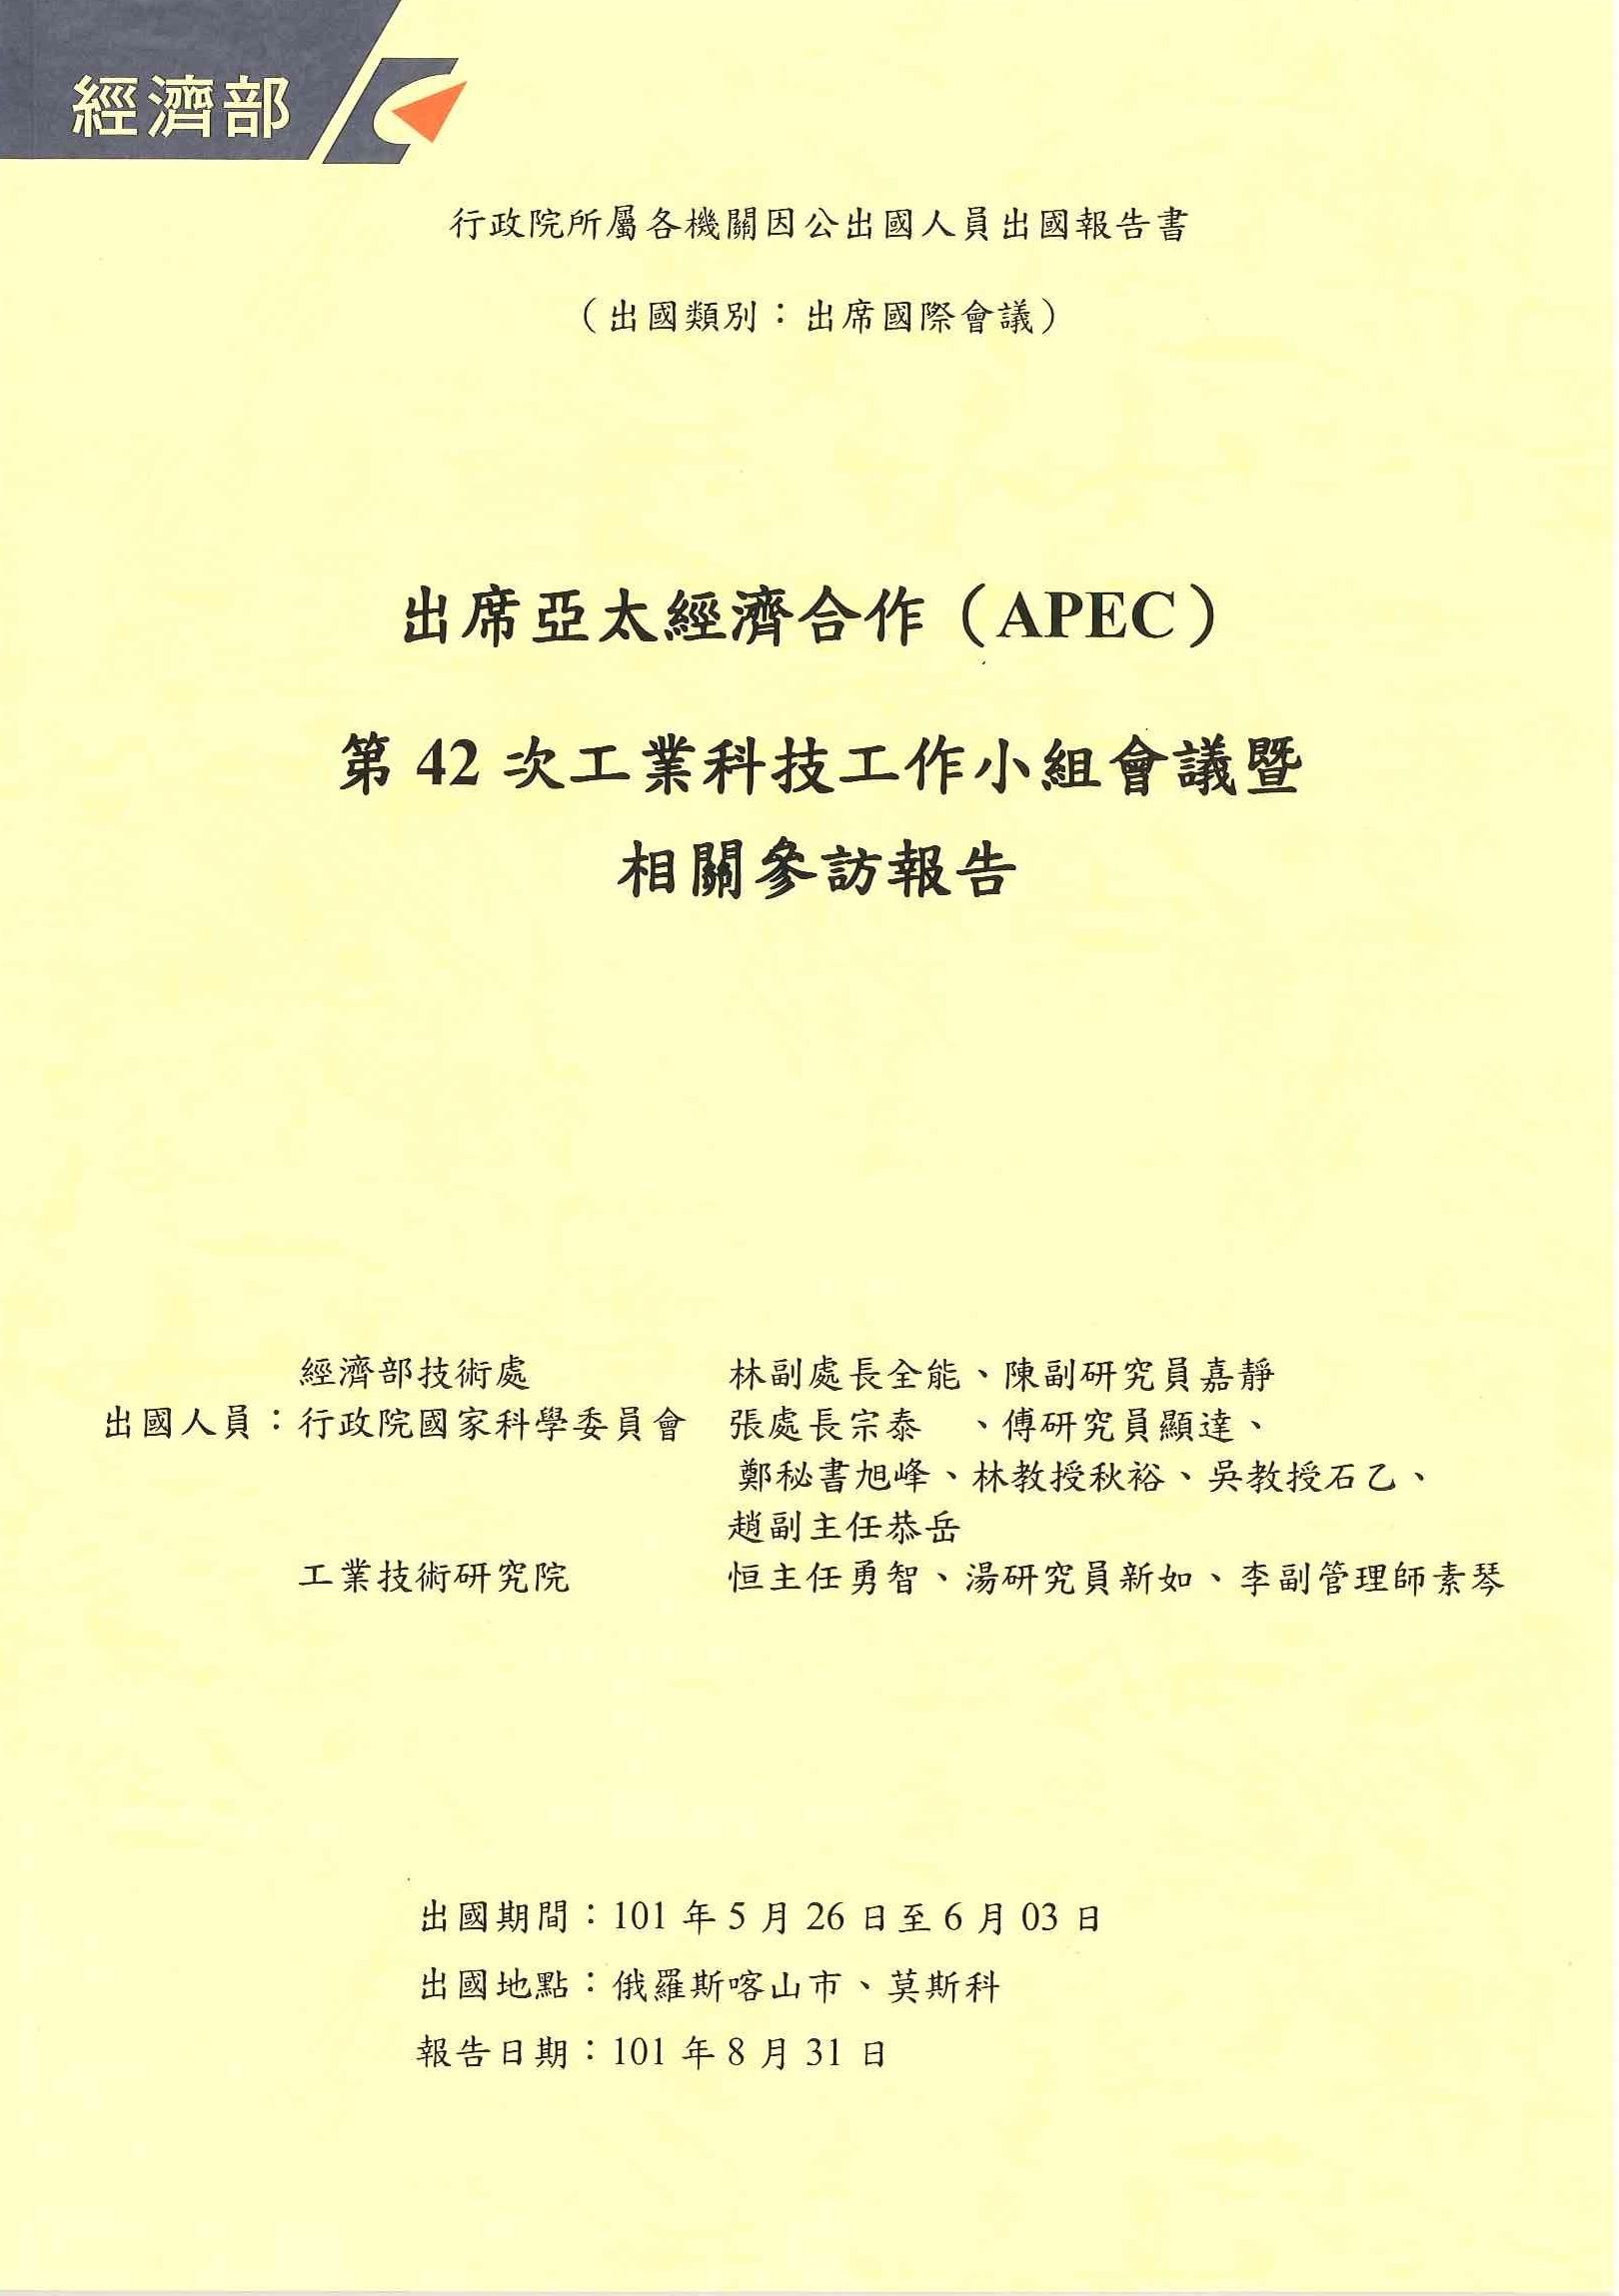 出席亞太經濟合作(APEC)第42次工業科技工作小組會議暨相關參訪報告